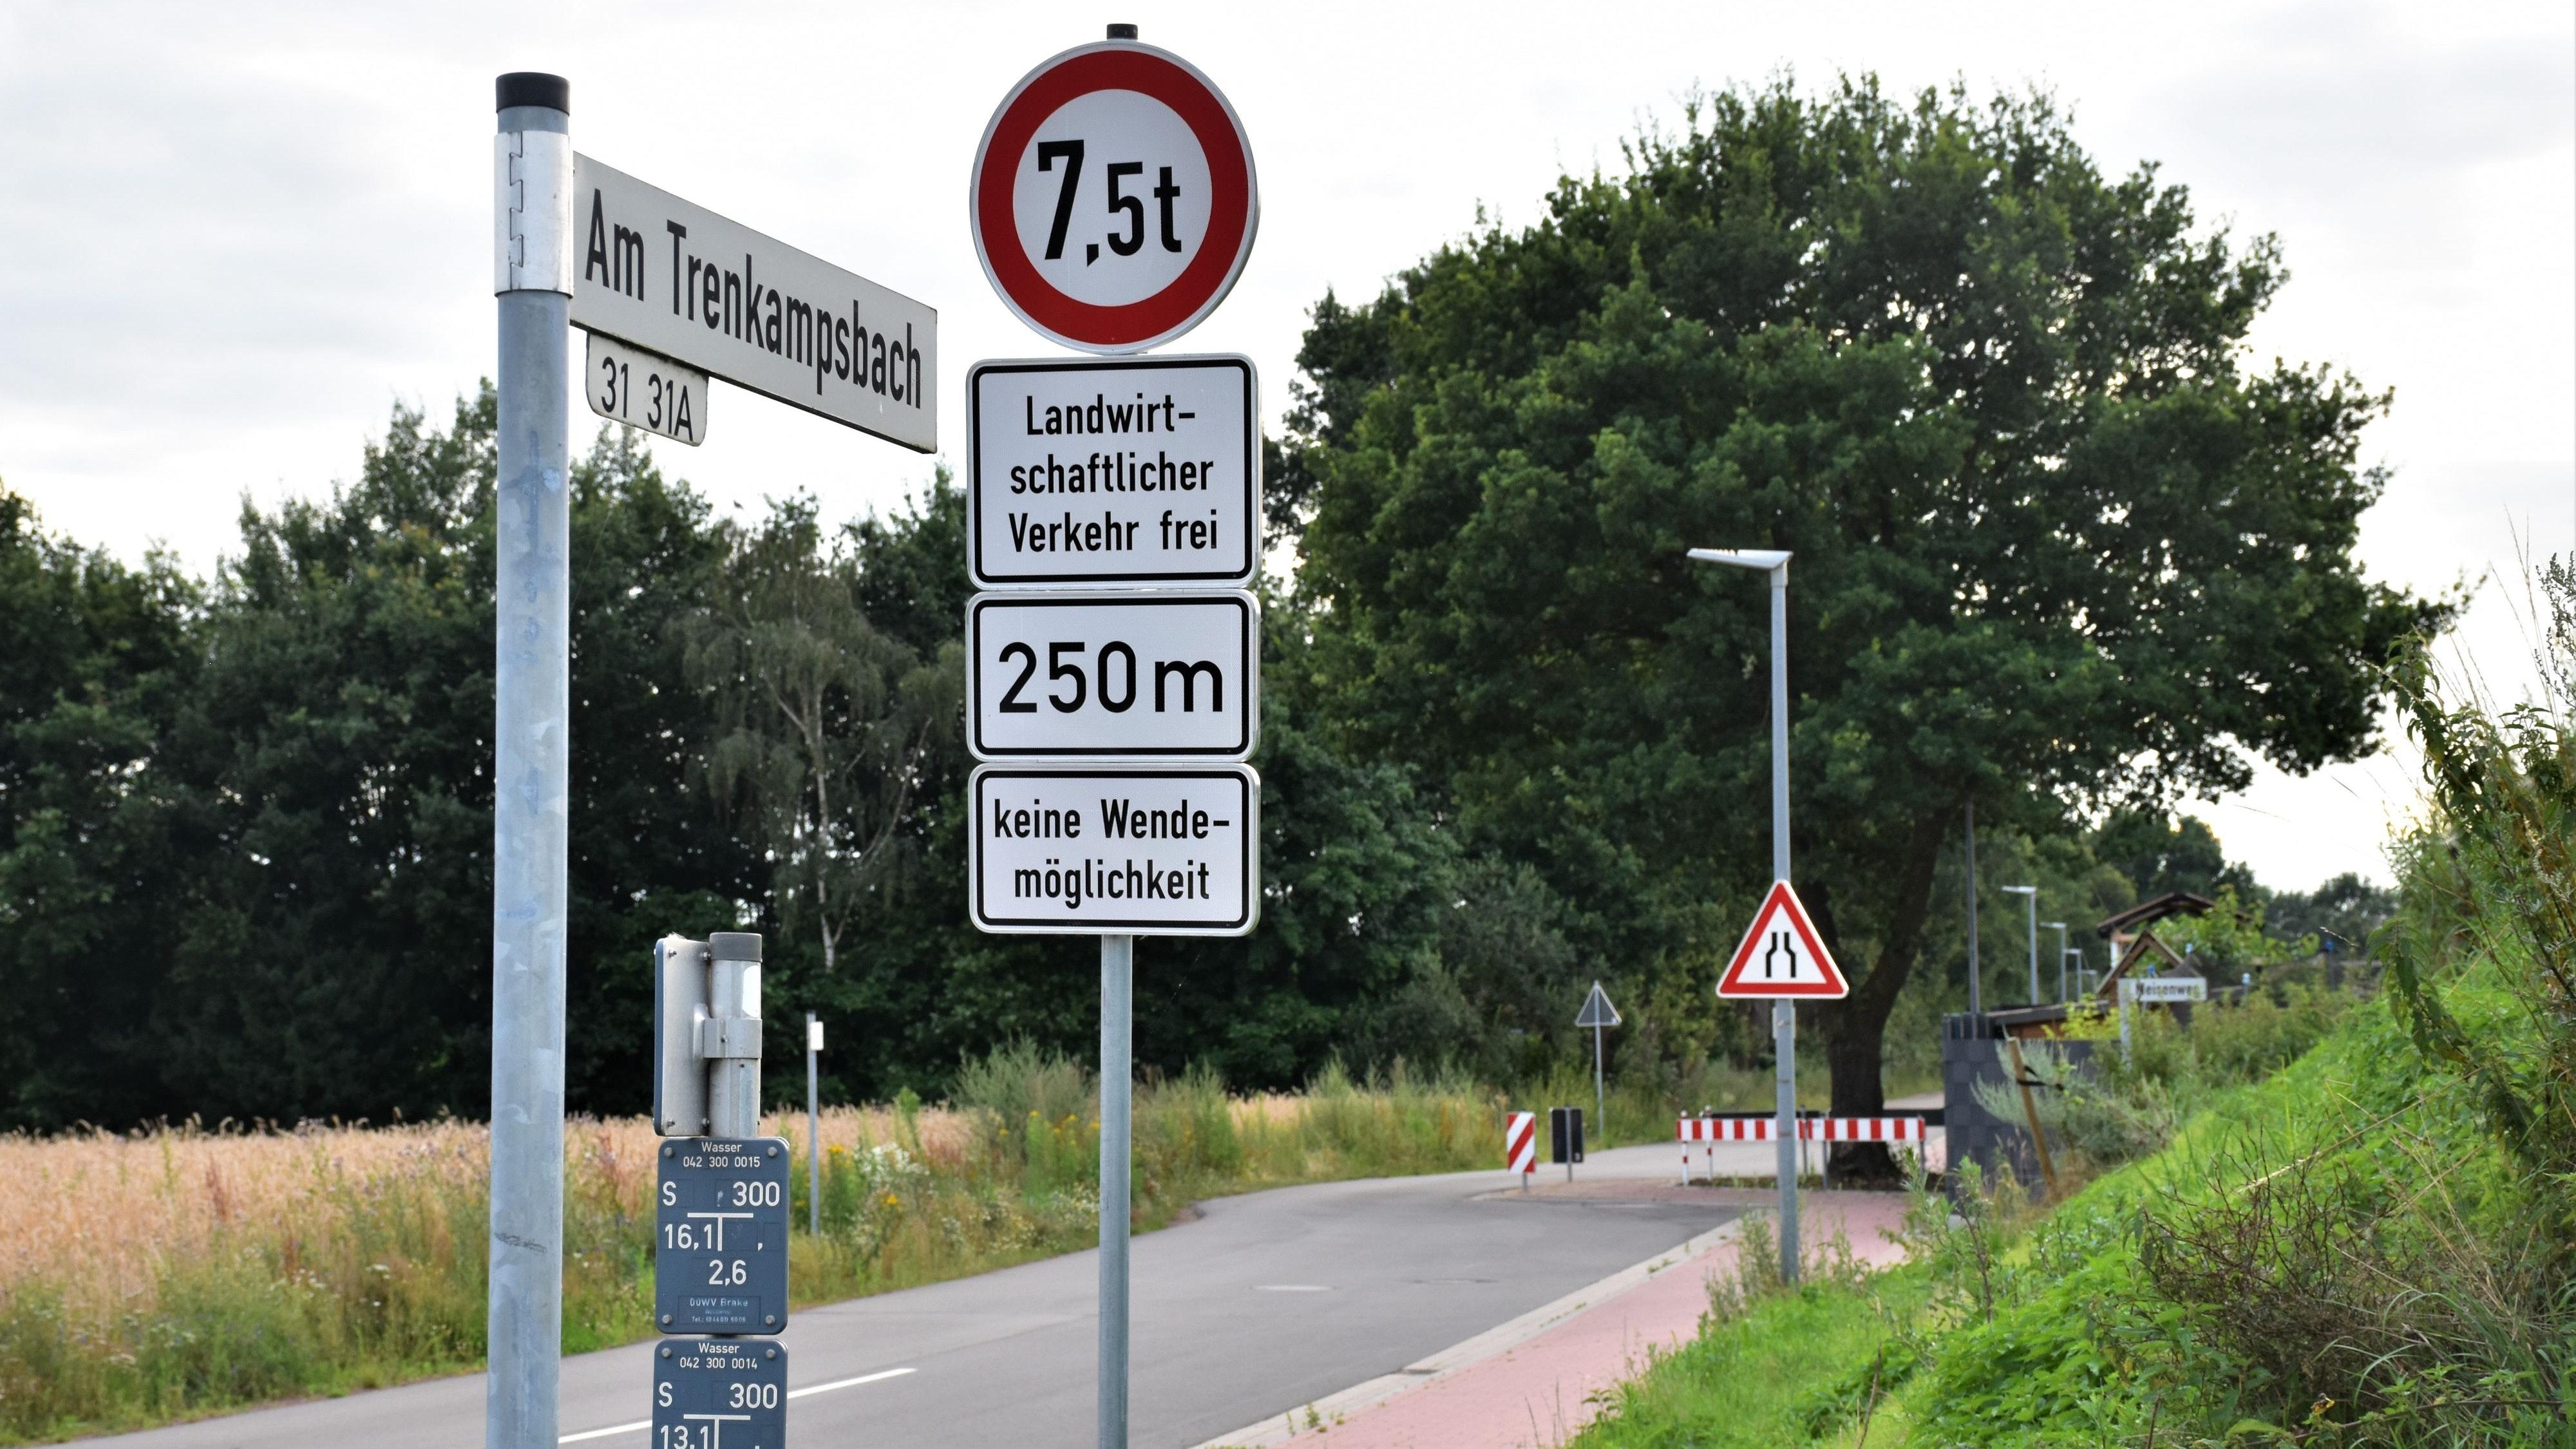 Neue Schilder mit klarer Botschaft: Schwerlastverkehr darf nicht mehr in die Siedlung Am Trenkampsbach fahren. Die von Anwohnern gewünschte Geschwindigkeitsbegrenzung gibt es allerdings nicht. Foto: Böckmann